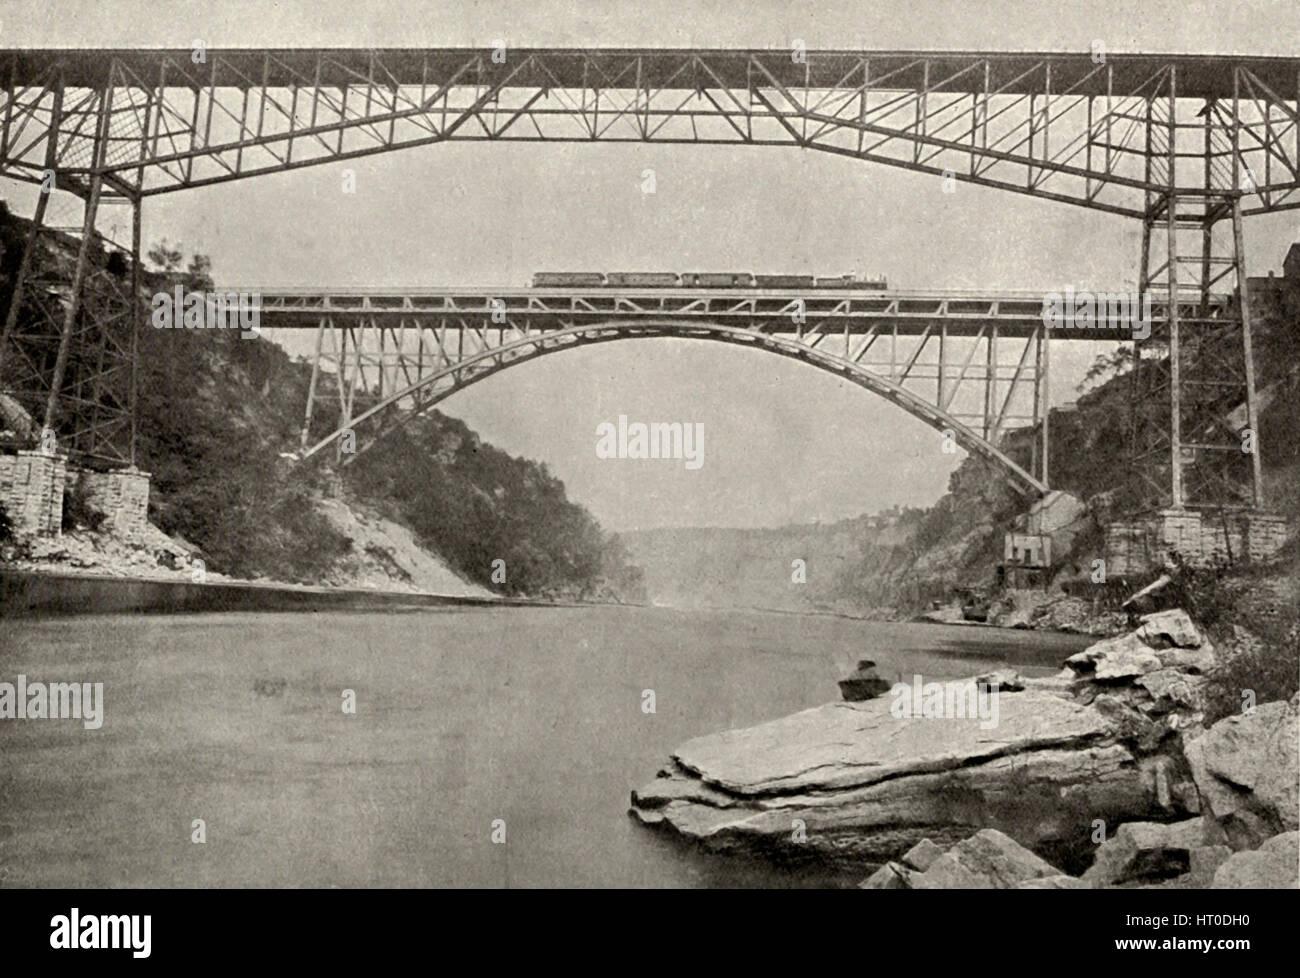 Ansicht der fertigen Bogen Eisenbahnbrücke, Freischwinger Brücke im Vordergrund, Niagara Falls, um 1900 Stockbild